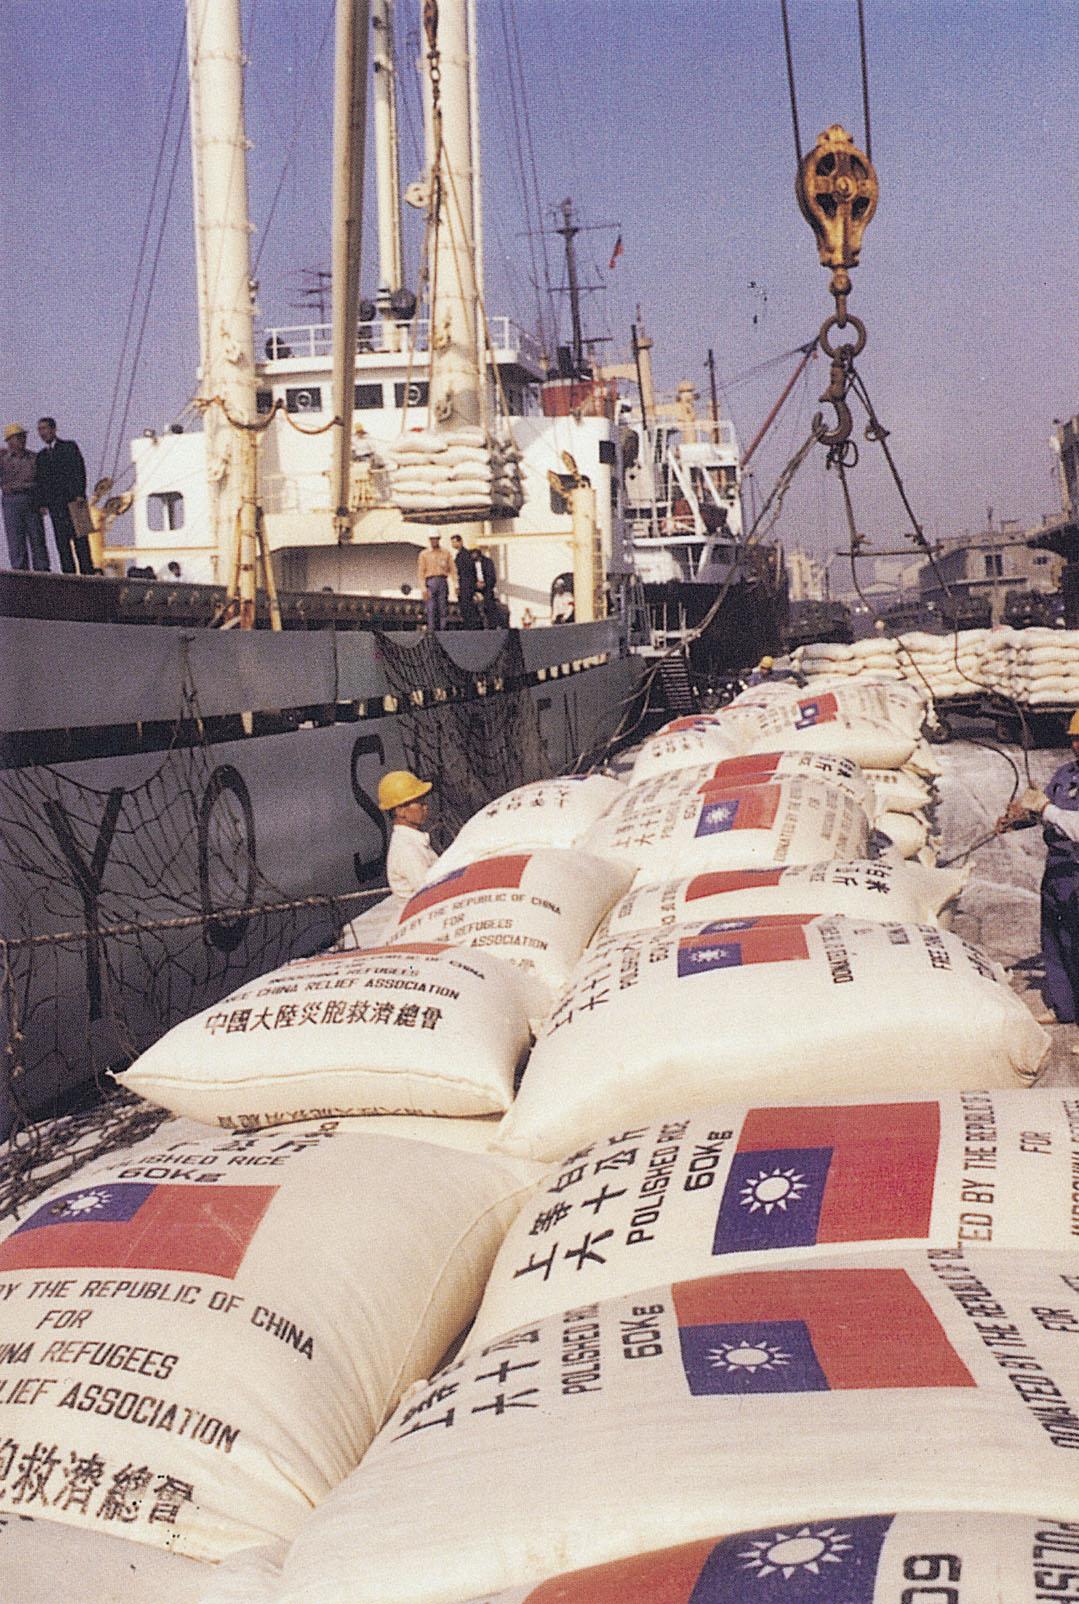 本會辦理國際救助,民國68年(1979)8月26日捐款新台幣1千萬元及食米1萬噸,分批啓運至印尼、菲律賓、馬來西亞、泰國等國,救人無數